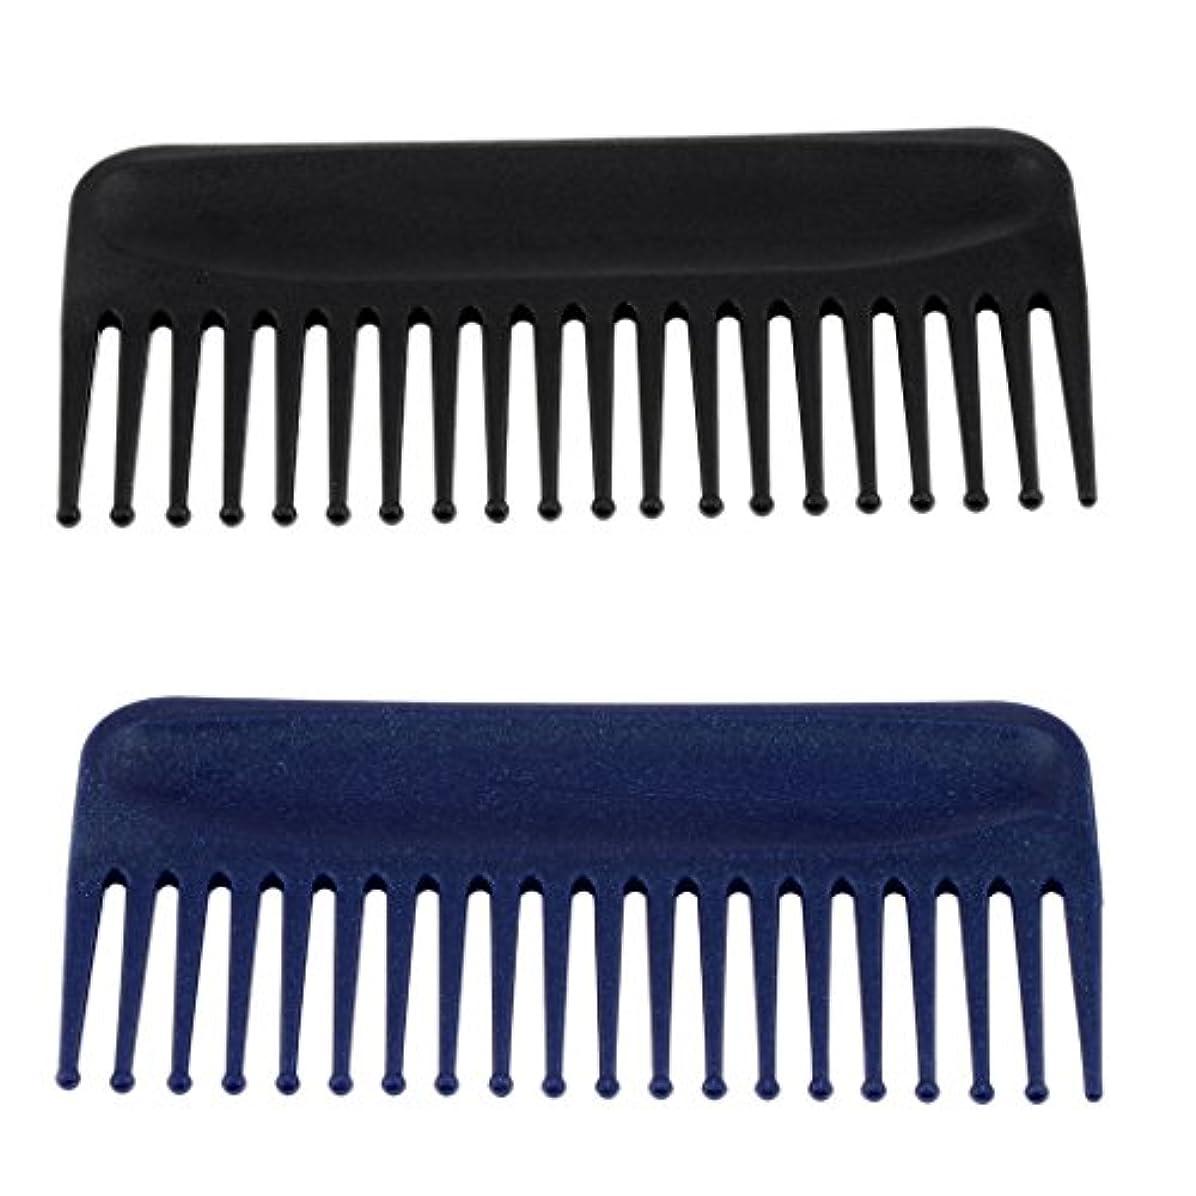 治すサーマル誕生ヘアコーム くし 櫛 ヘアブラシ 頭皮マッサージ 静電気防止 美髪ケア 快適 プラスチック製 2個